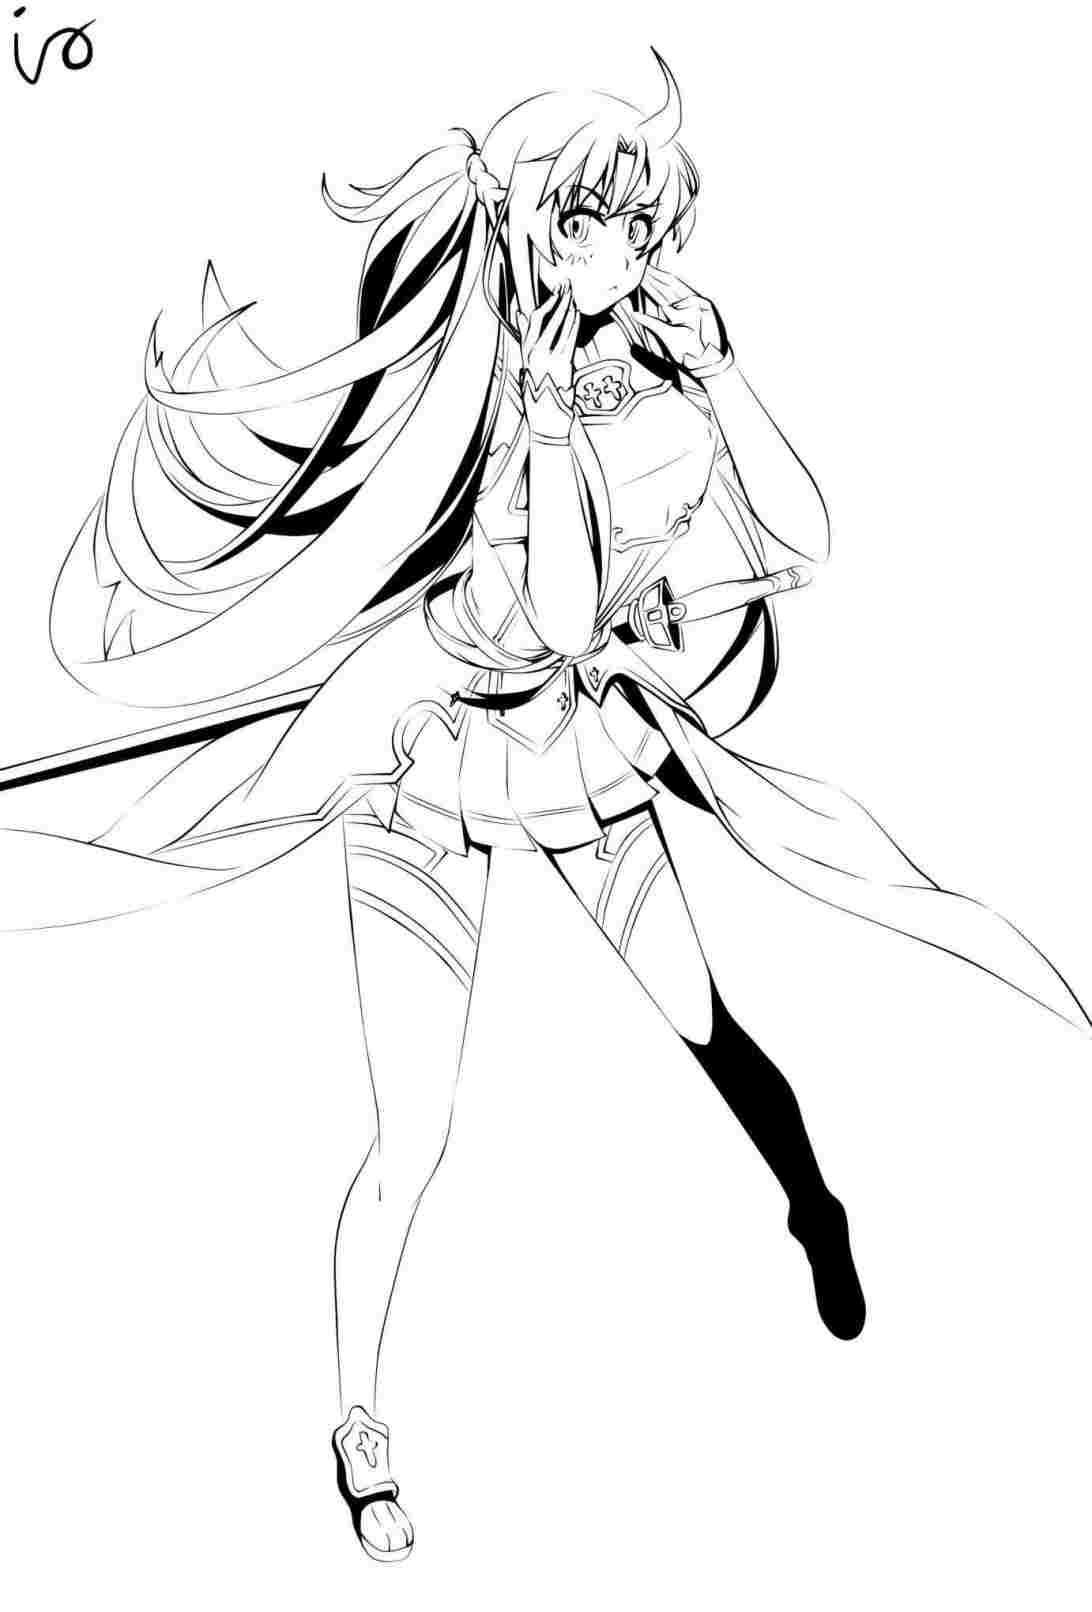 1092x1612 anime girl drawing full body easy